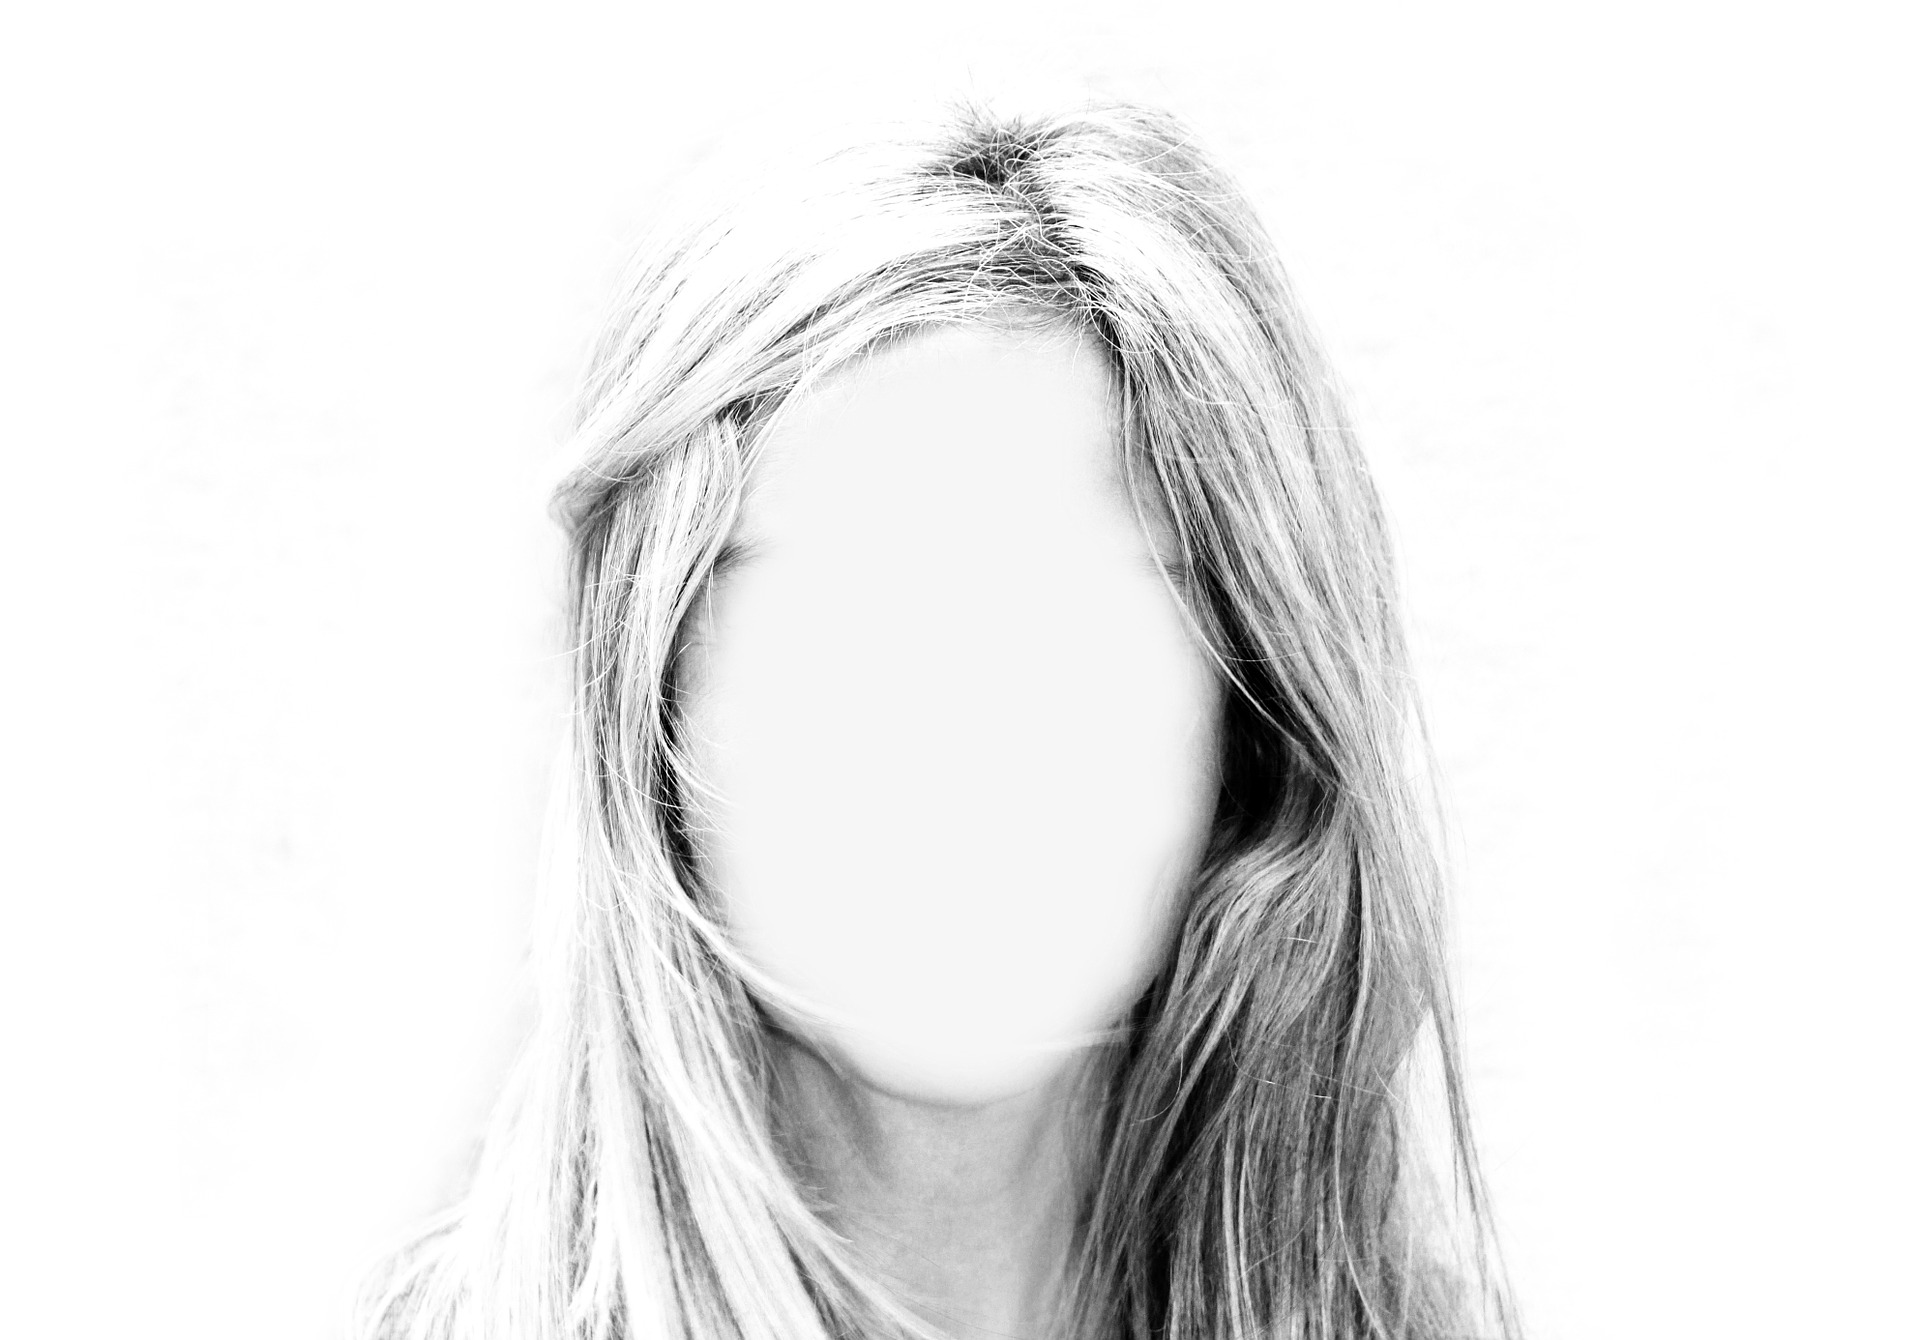 donna-e-depressione studio consulenze salute benessere bra cuneo torino francesca scaglia counseling .jpg